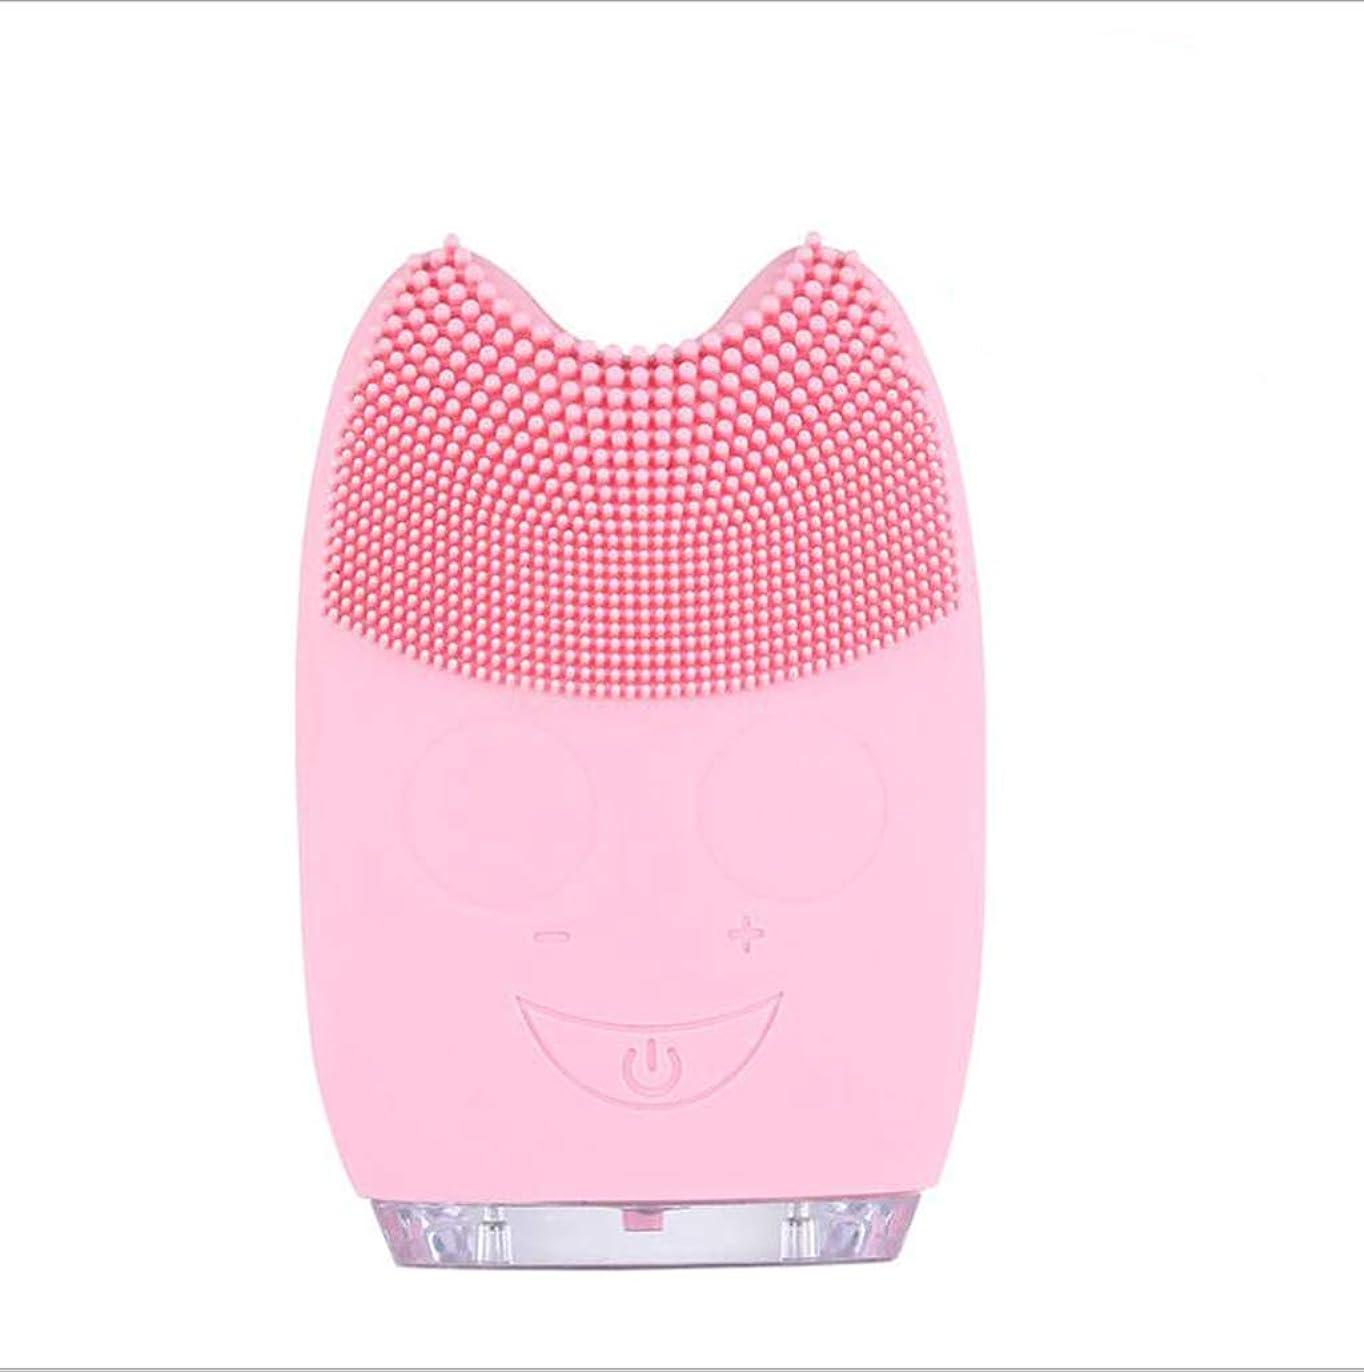 緊張看板冷蔵するすべての肌のタイプに適した角質除去とアンチエイジング顔マッサージのためのシリコーン電気クレンジングブラシ,Pink